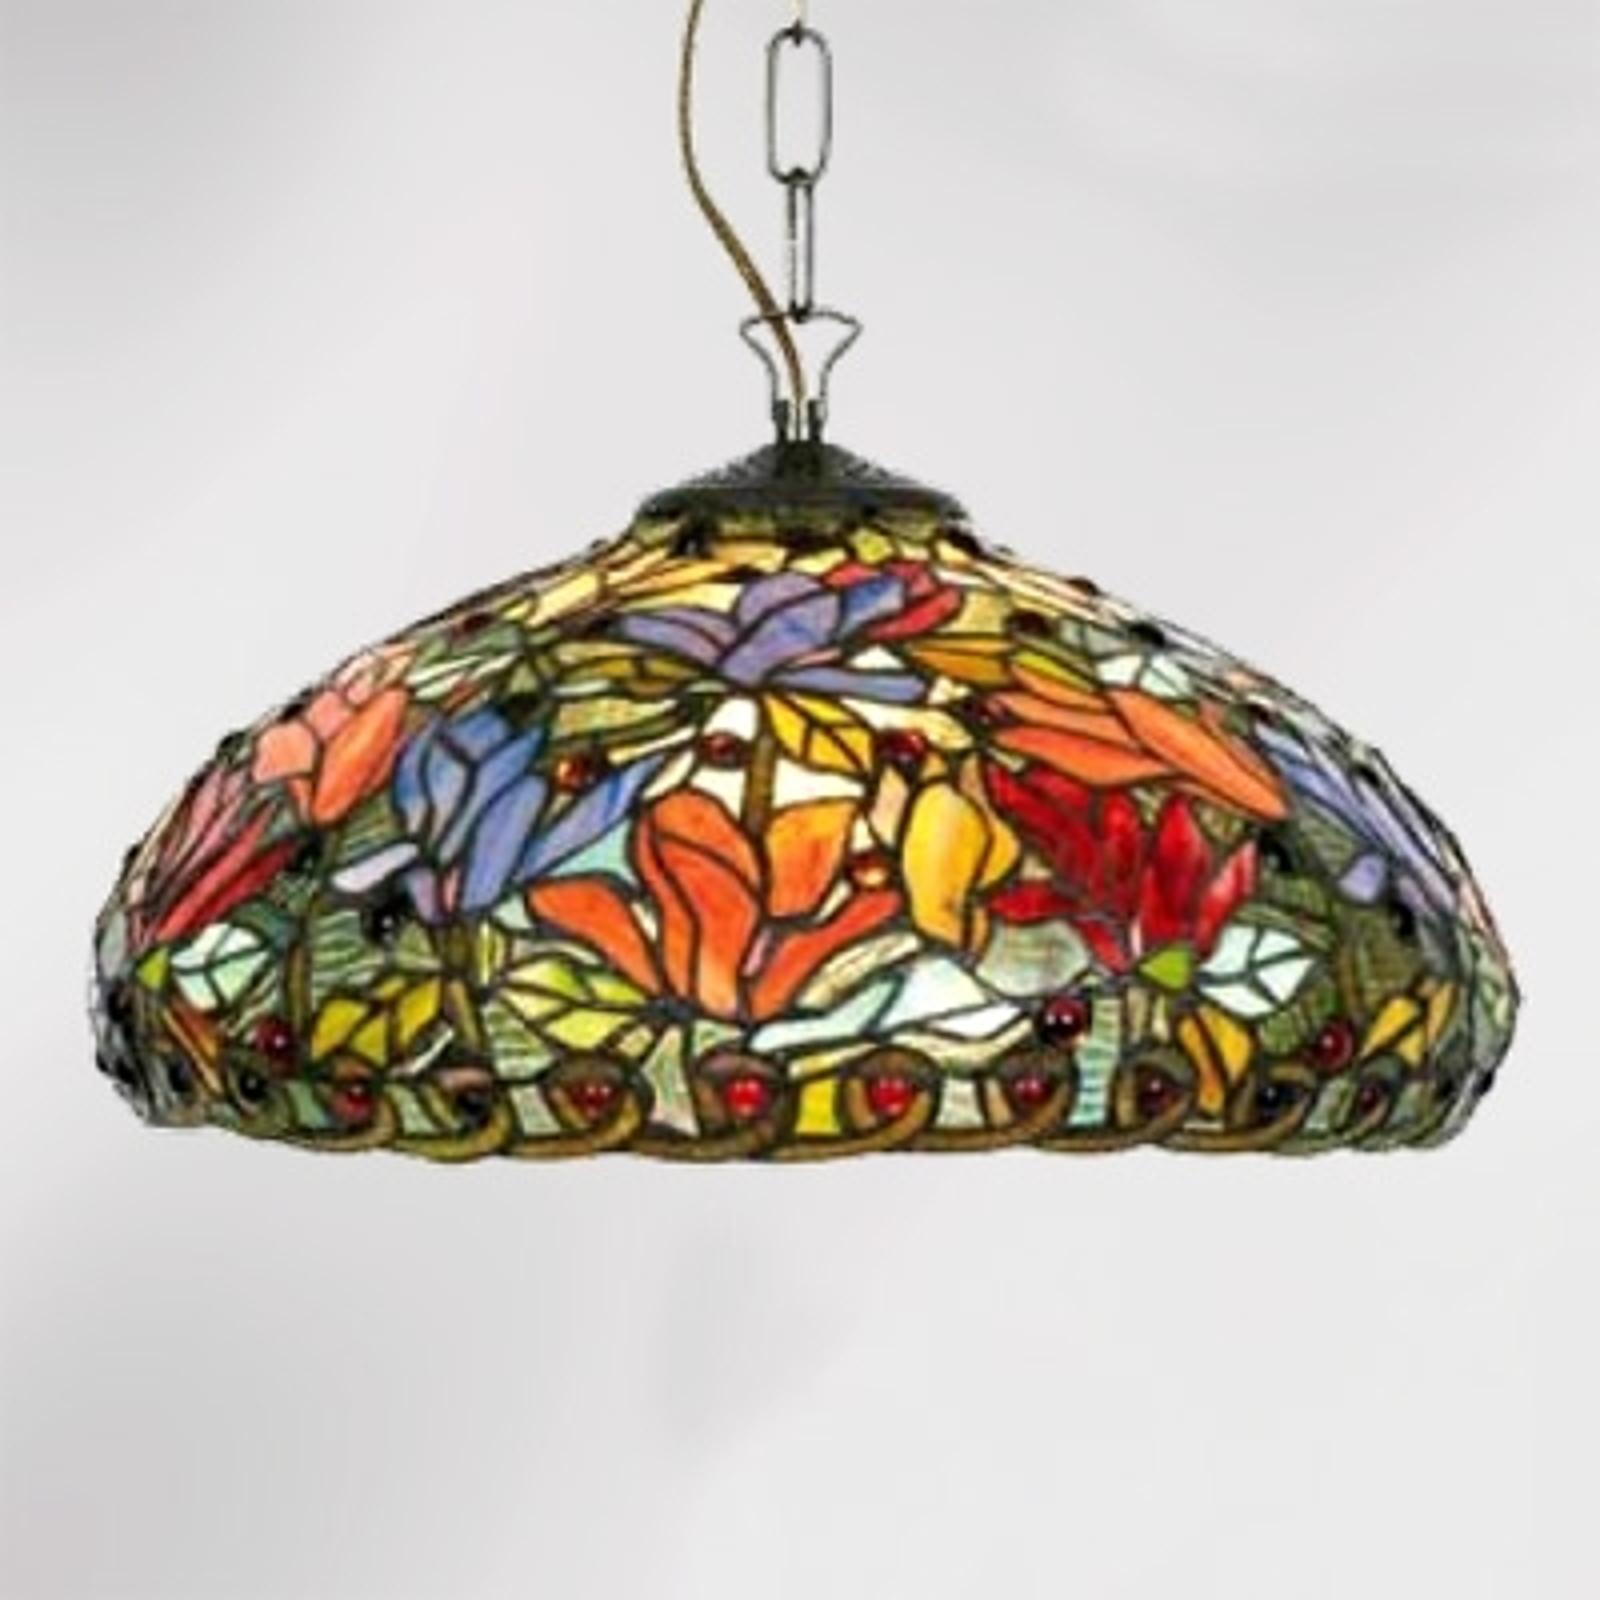 Závěsné světlo Elaine v Tiffany stylu, 2zdrojové